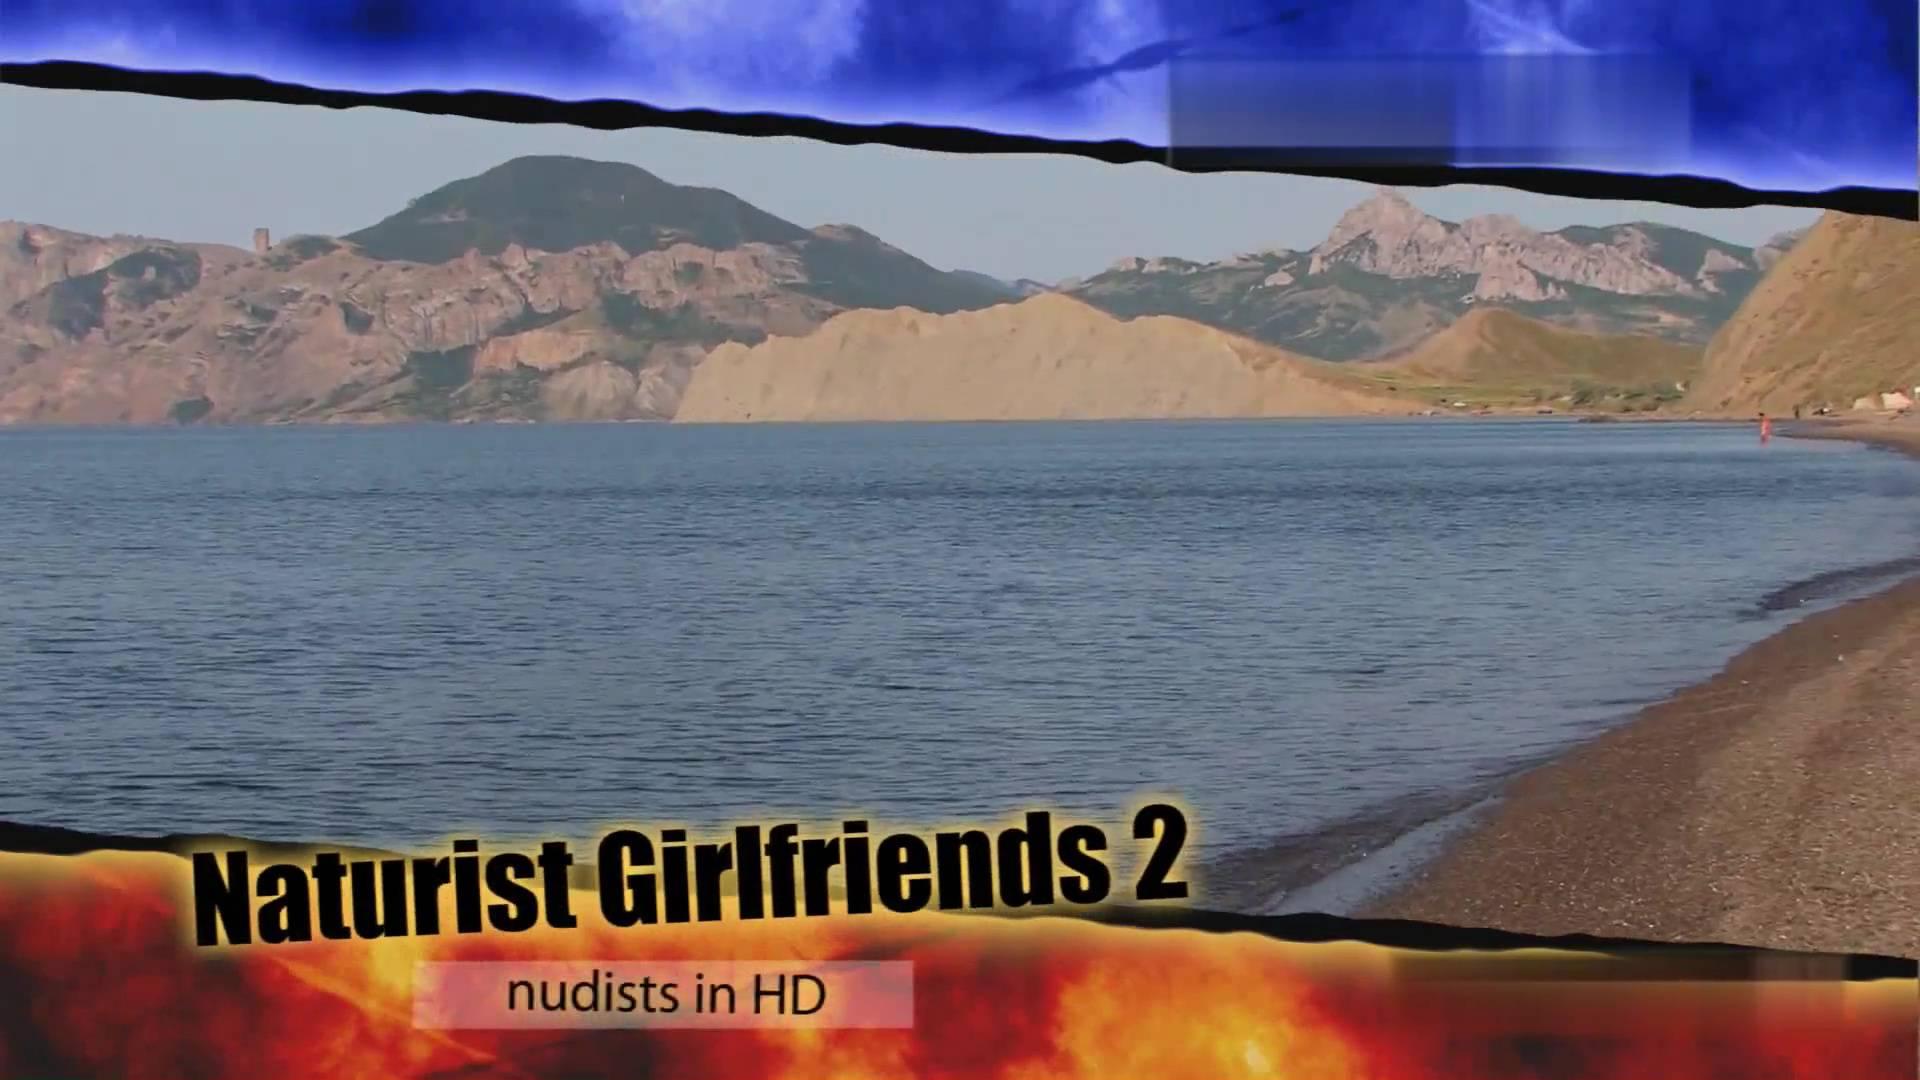 Naturist Girlfriends 2 - Poster